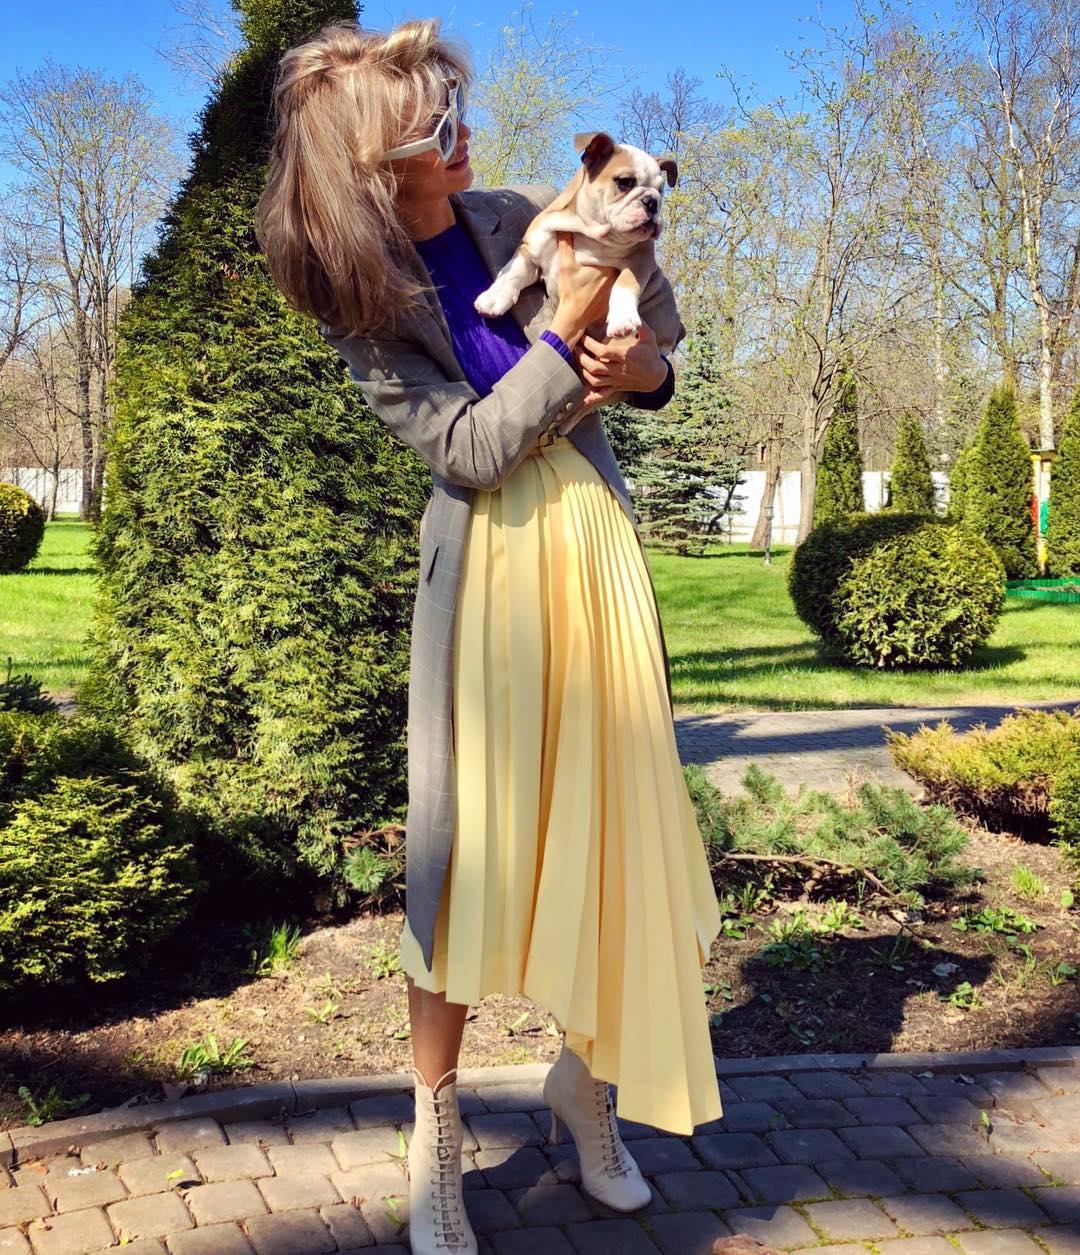 длинные юбки осени 2019 фото 5